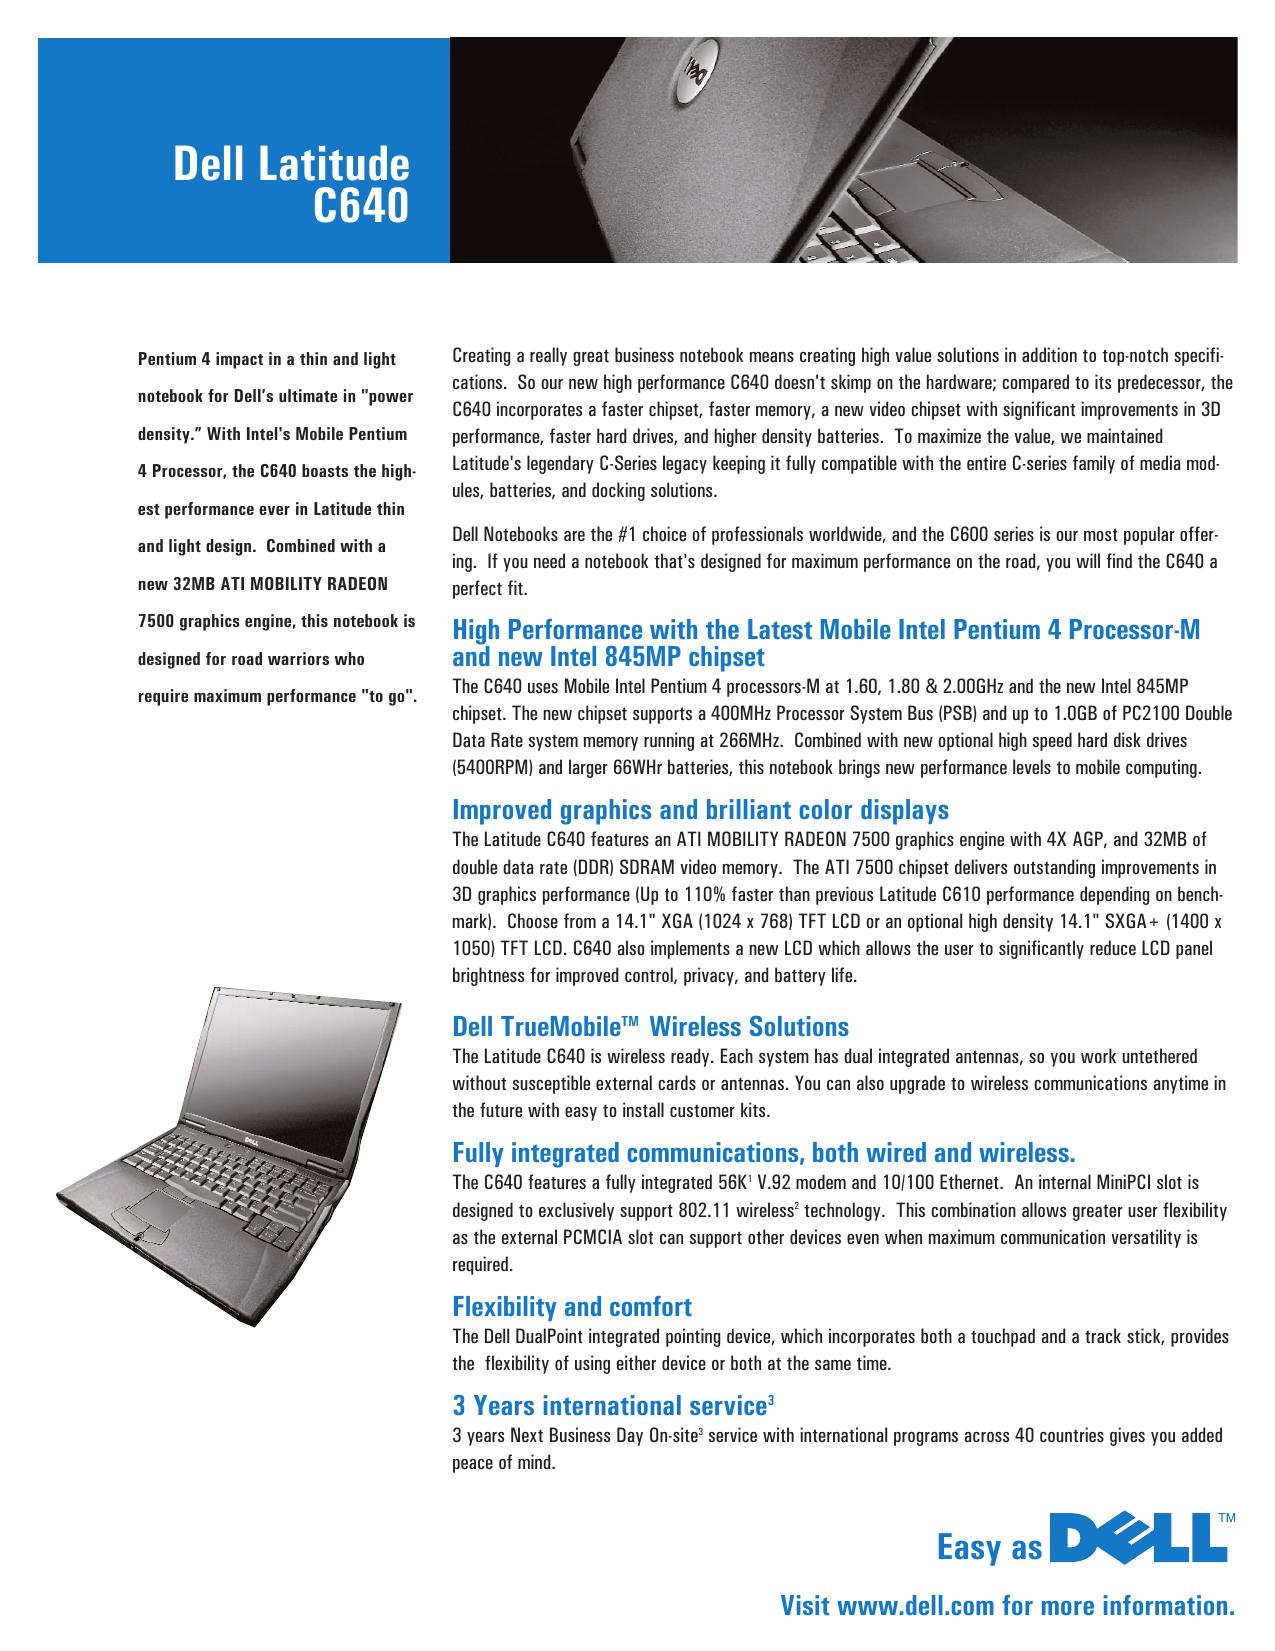 DELL LATITUDE C600 TRUEMOBILE 1150 SERIES PC CARD DRIVERS FOR WINDOWS DOWNLOAD